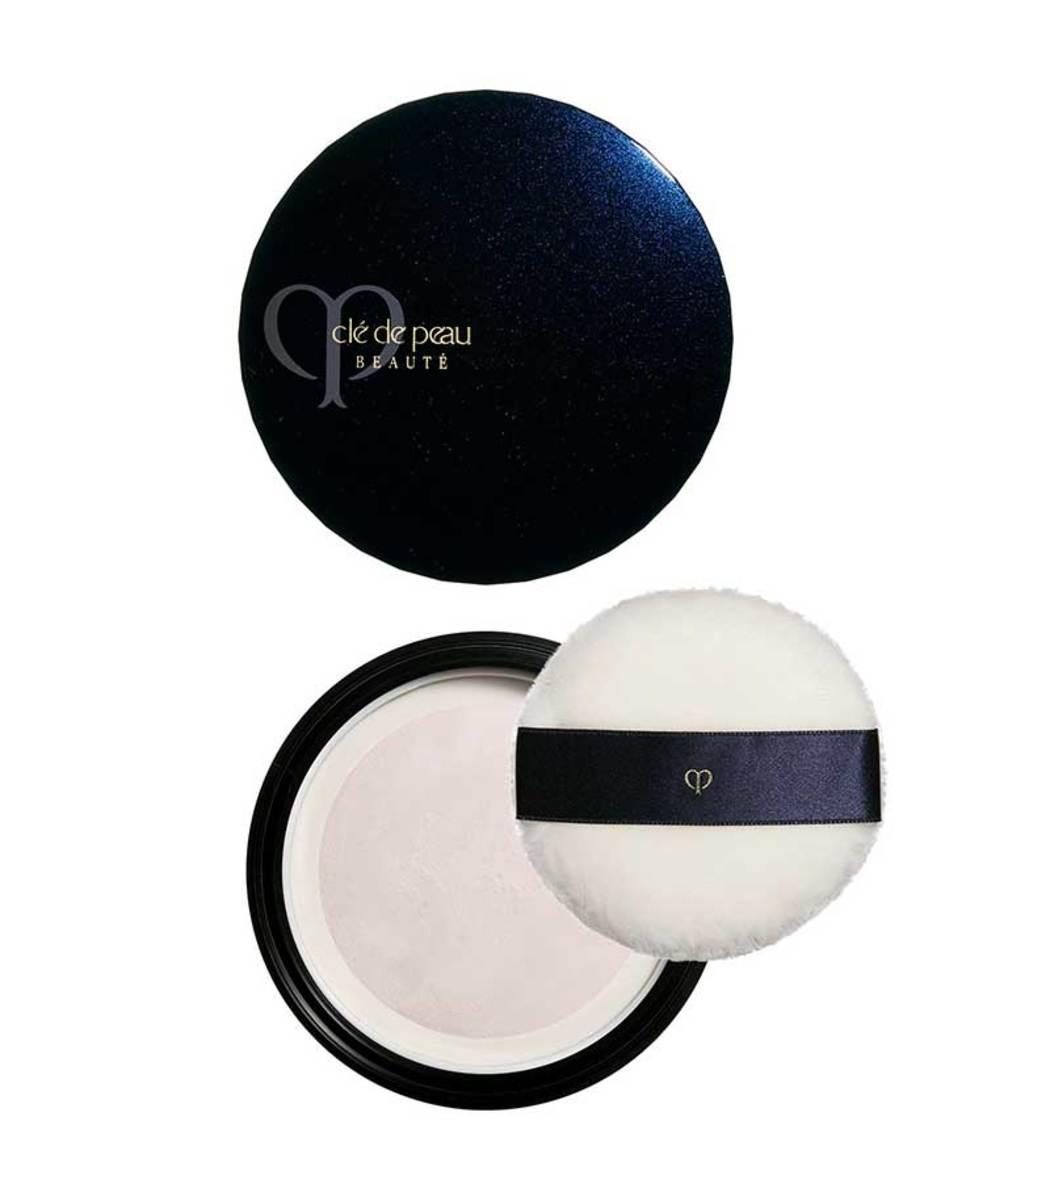 ClÉ De Peau BeautÉ Translucent Loose Powder In N/A